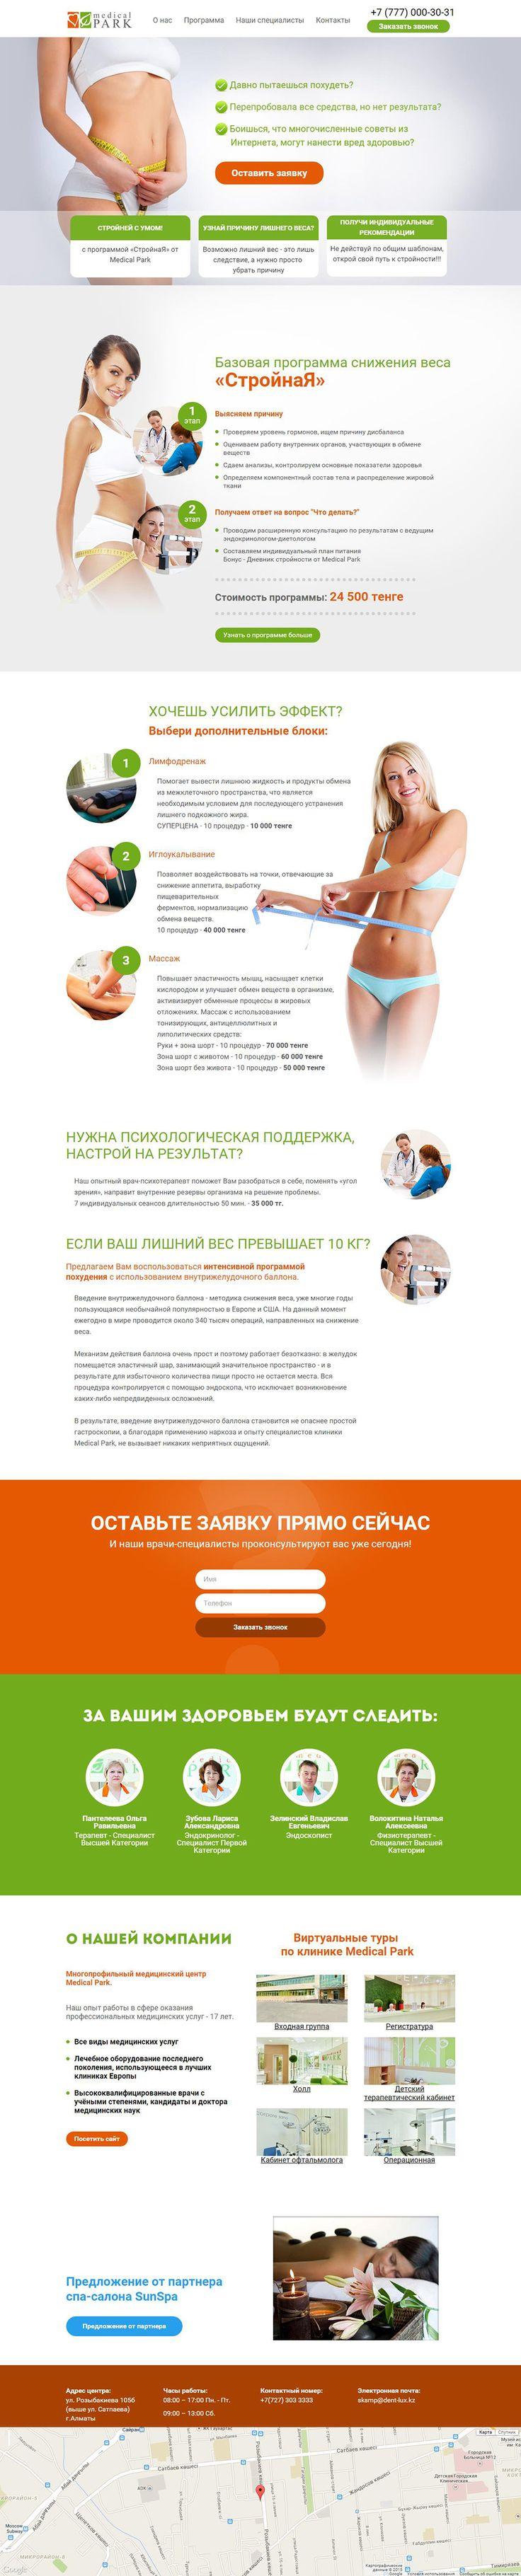 """Лэндинг """"под ключ"""" для медицинского центра (снижение веса): прототип, дизайн, верстка, админка, копирайт. Ссылка http://medicalpark.kz/action/programm"""